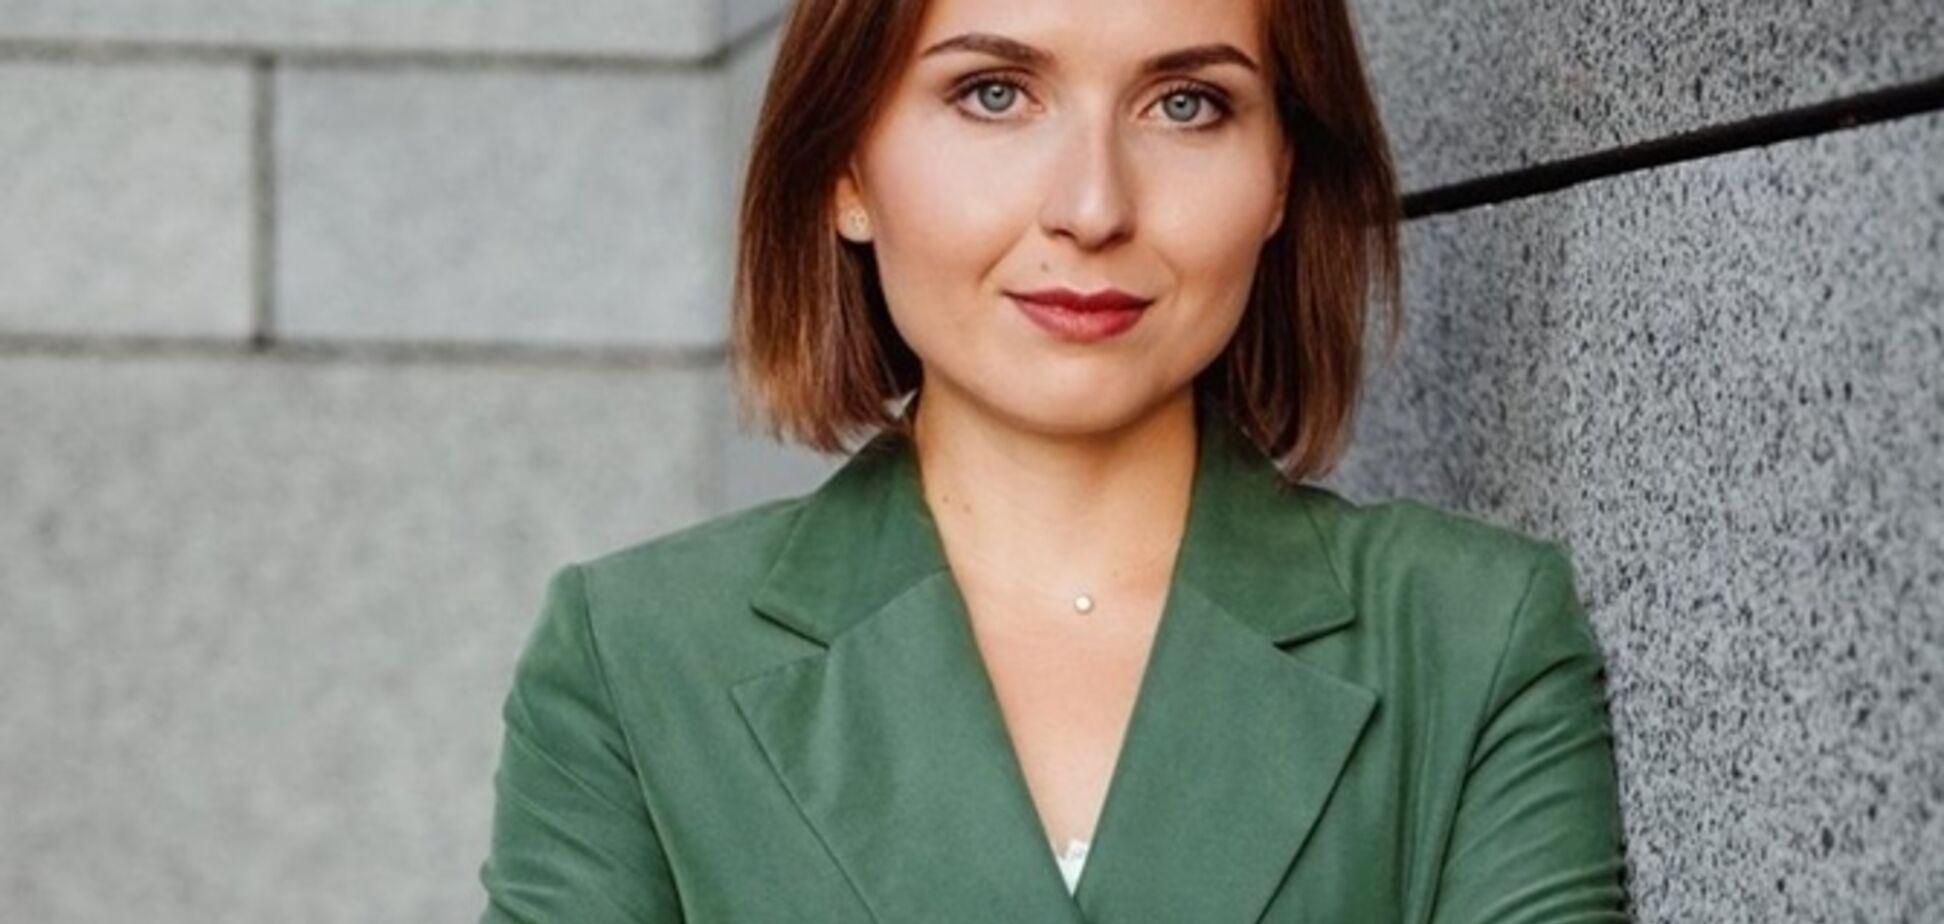 ЗНО в Україні може не відбутися: Новосад вказала на досвід Європи